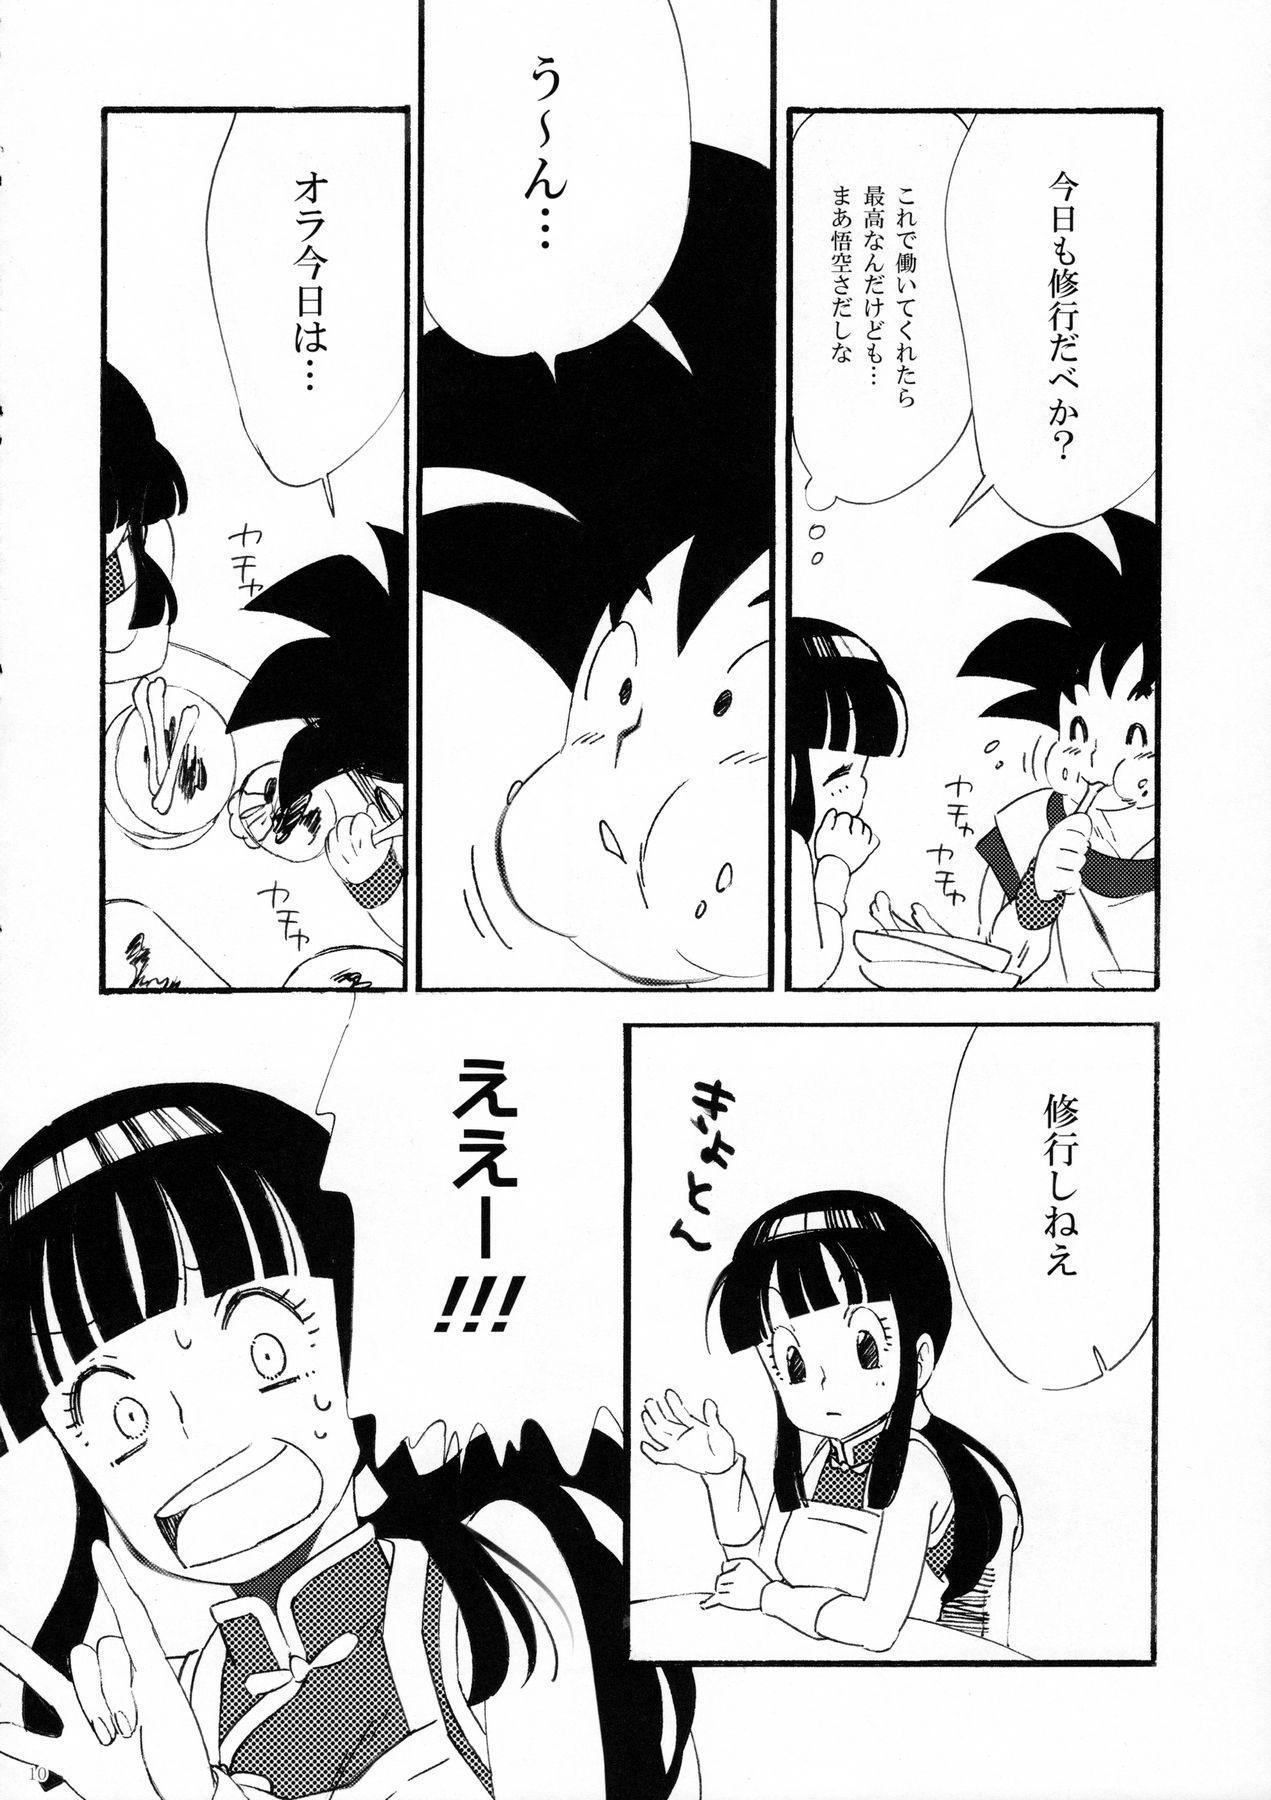 Ora no Iukoto o Kikinasai! 10